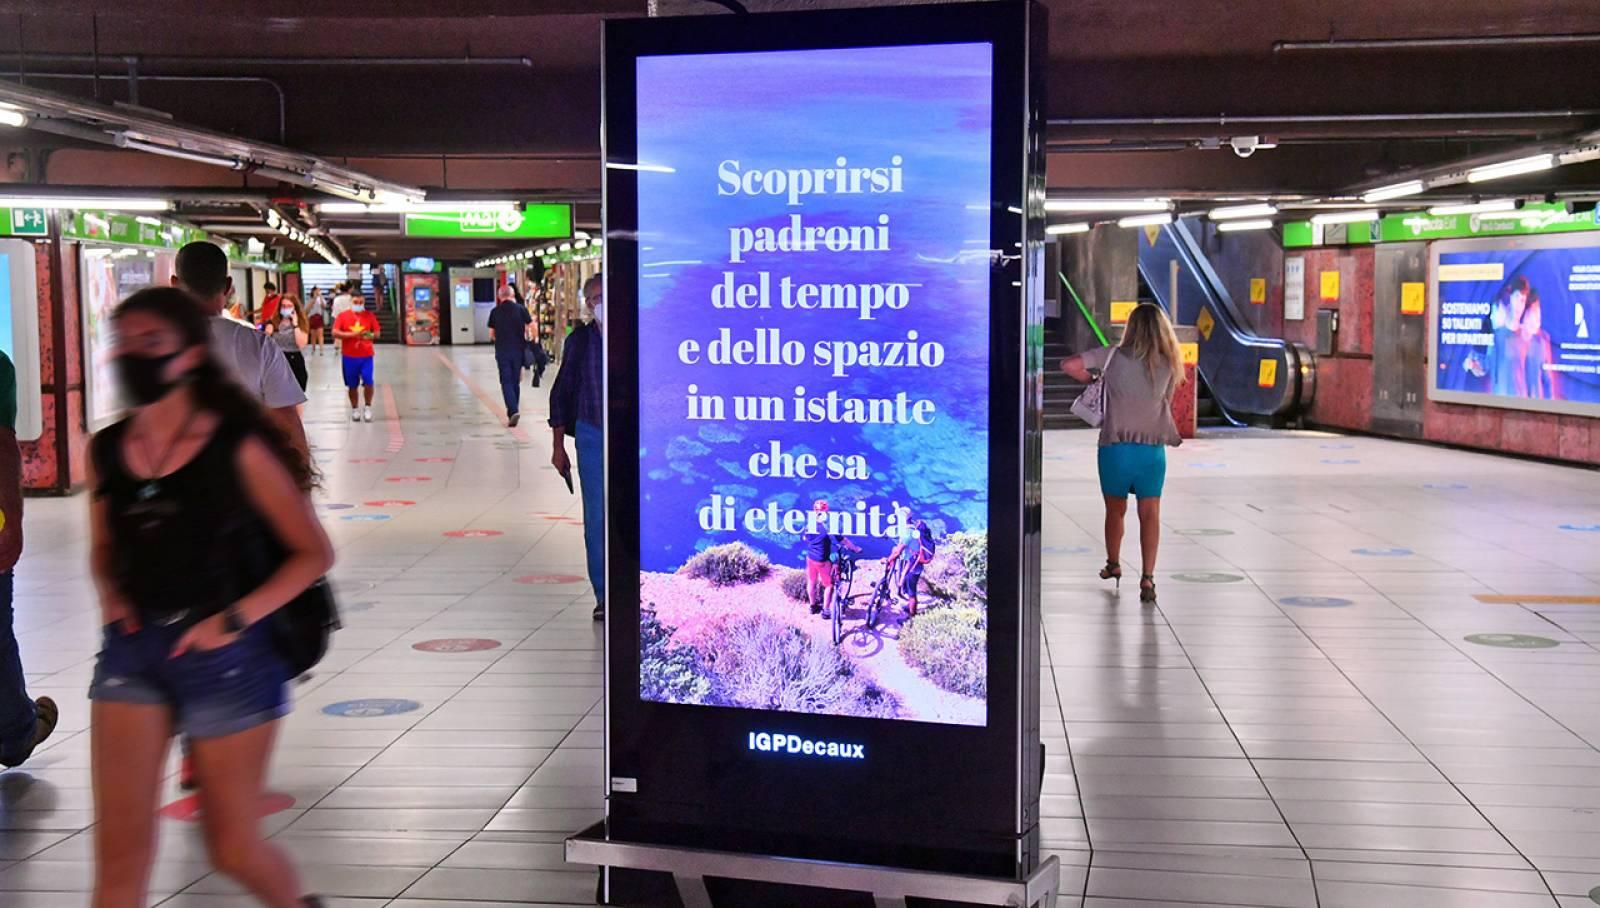 Pubblicità Out of Home Milano IGPDecaux Network Vision metropolitana per Toscana Promozione Turistica